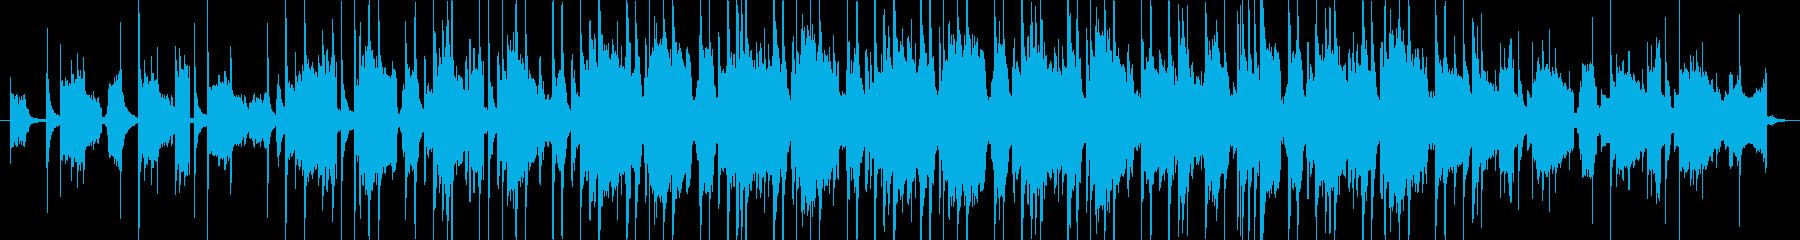 切ないピアノのカットアップの再生済みの波形